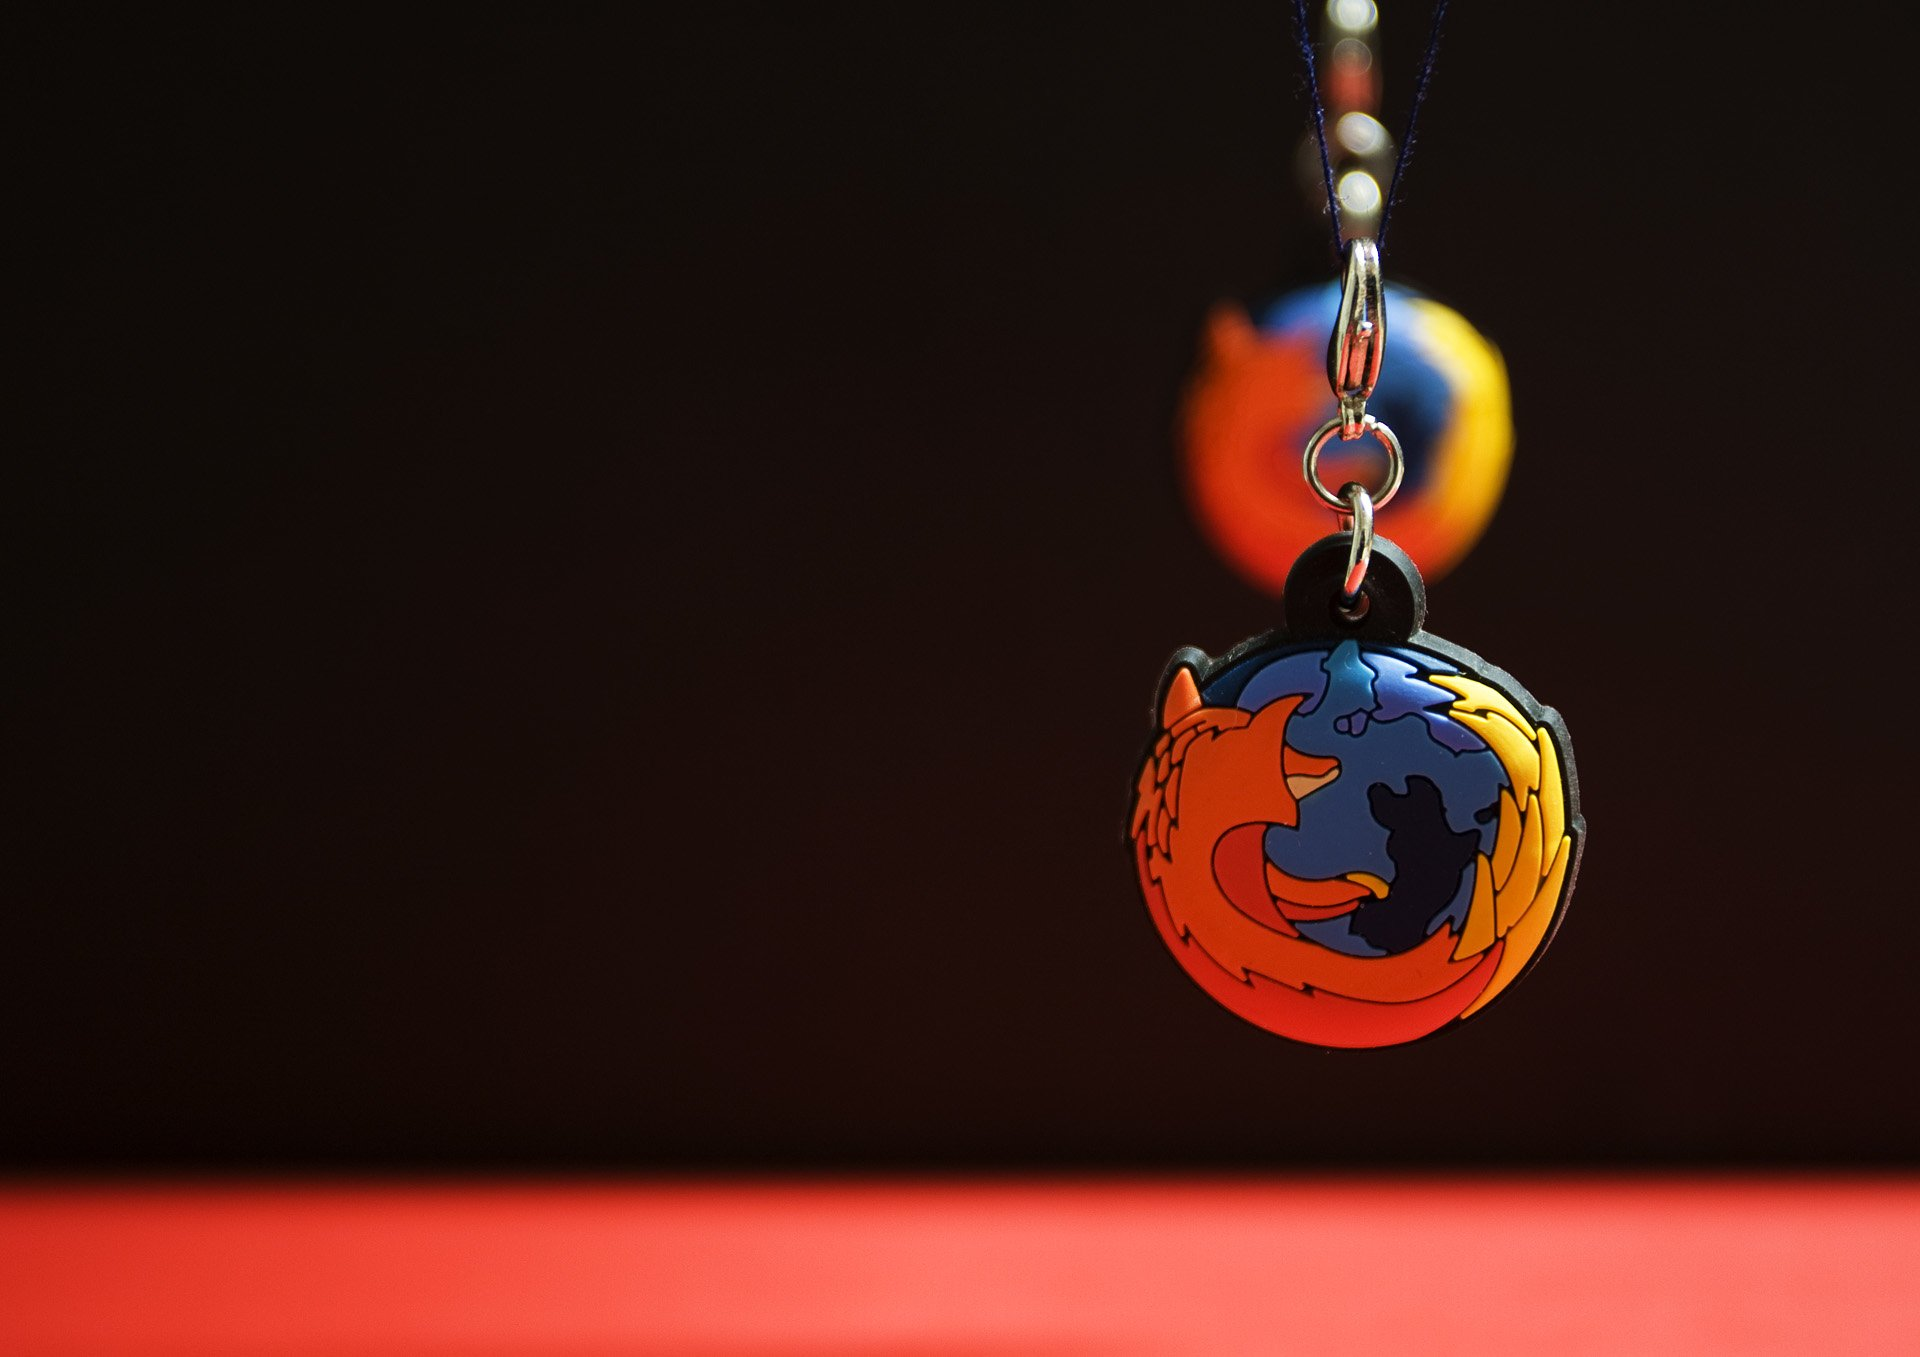 Technology - Firefox  Mozilla Technology Browser Internet Wallpaper